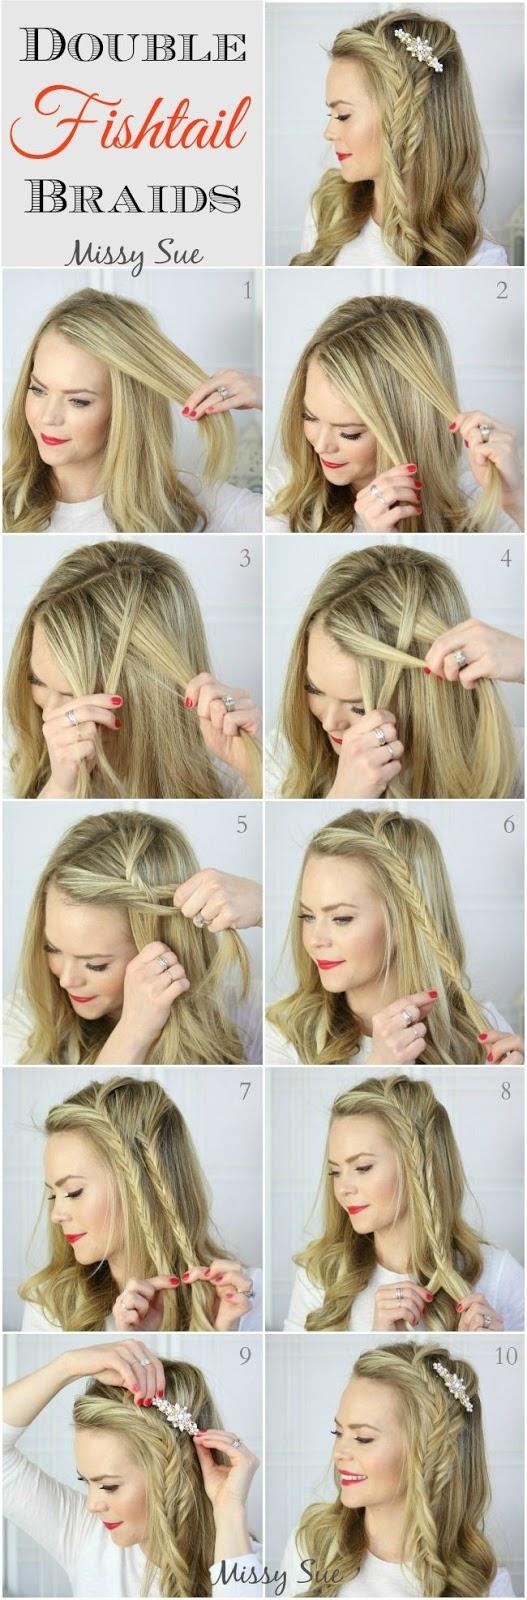 Peinados faciles con moСЂС–РІВ±os paso a paso